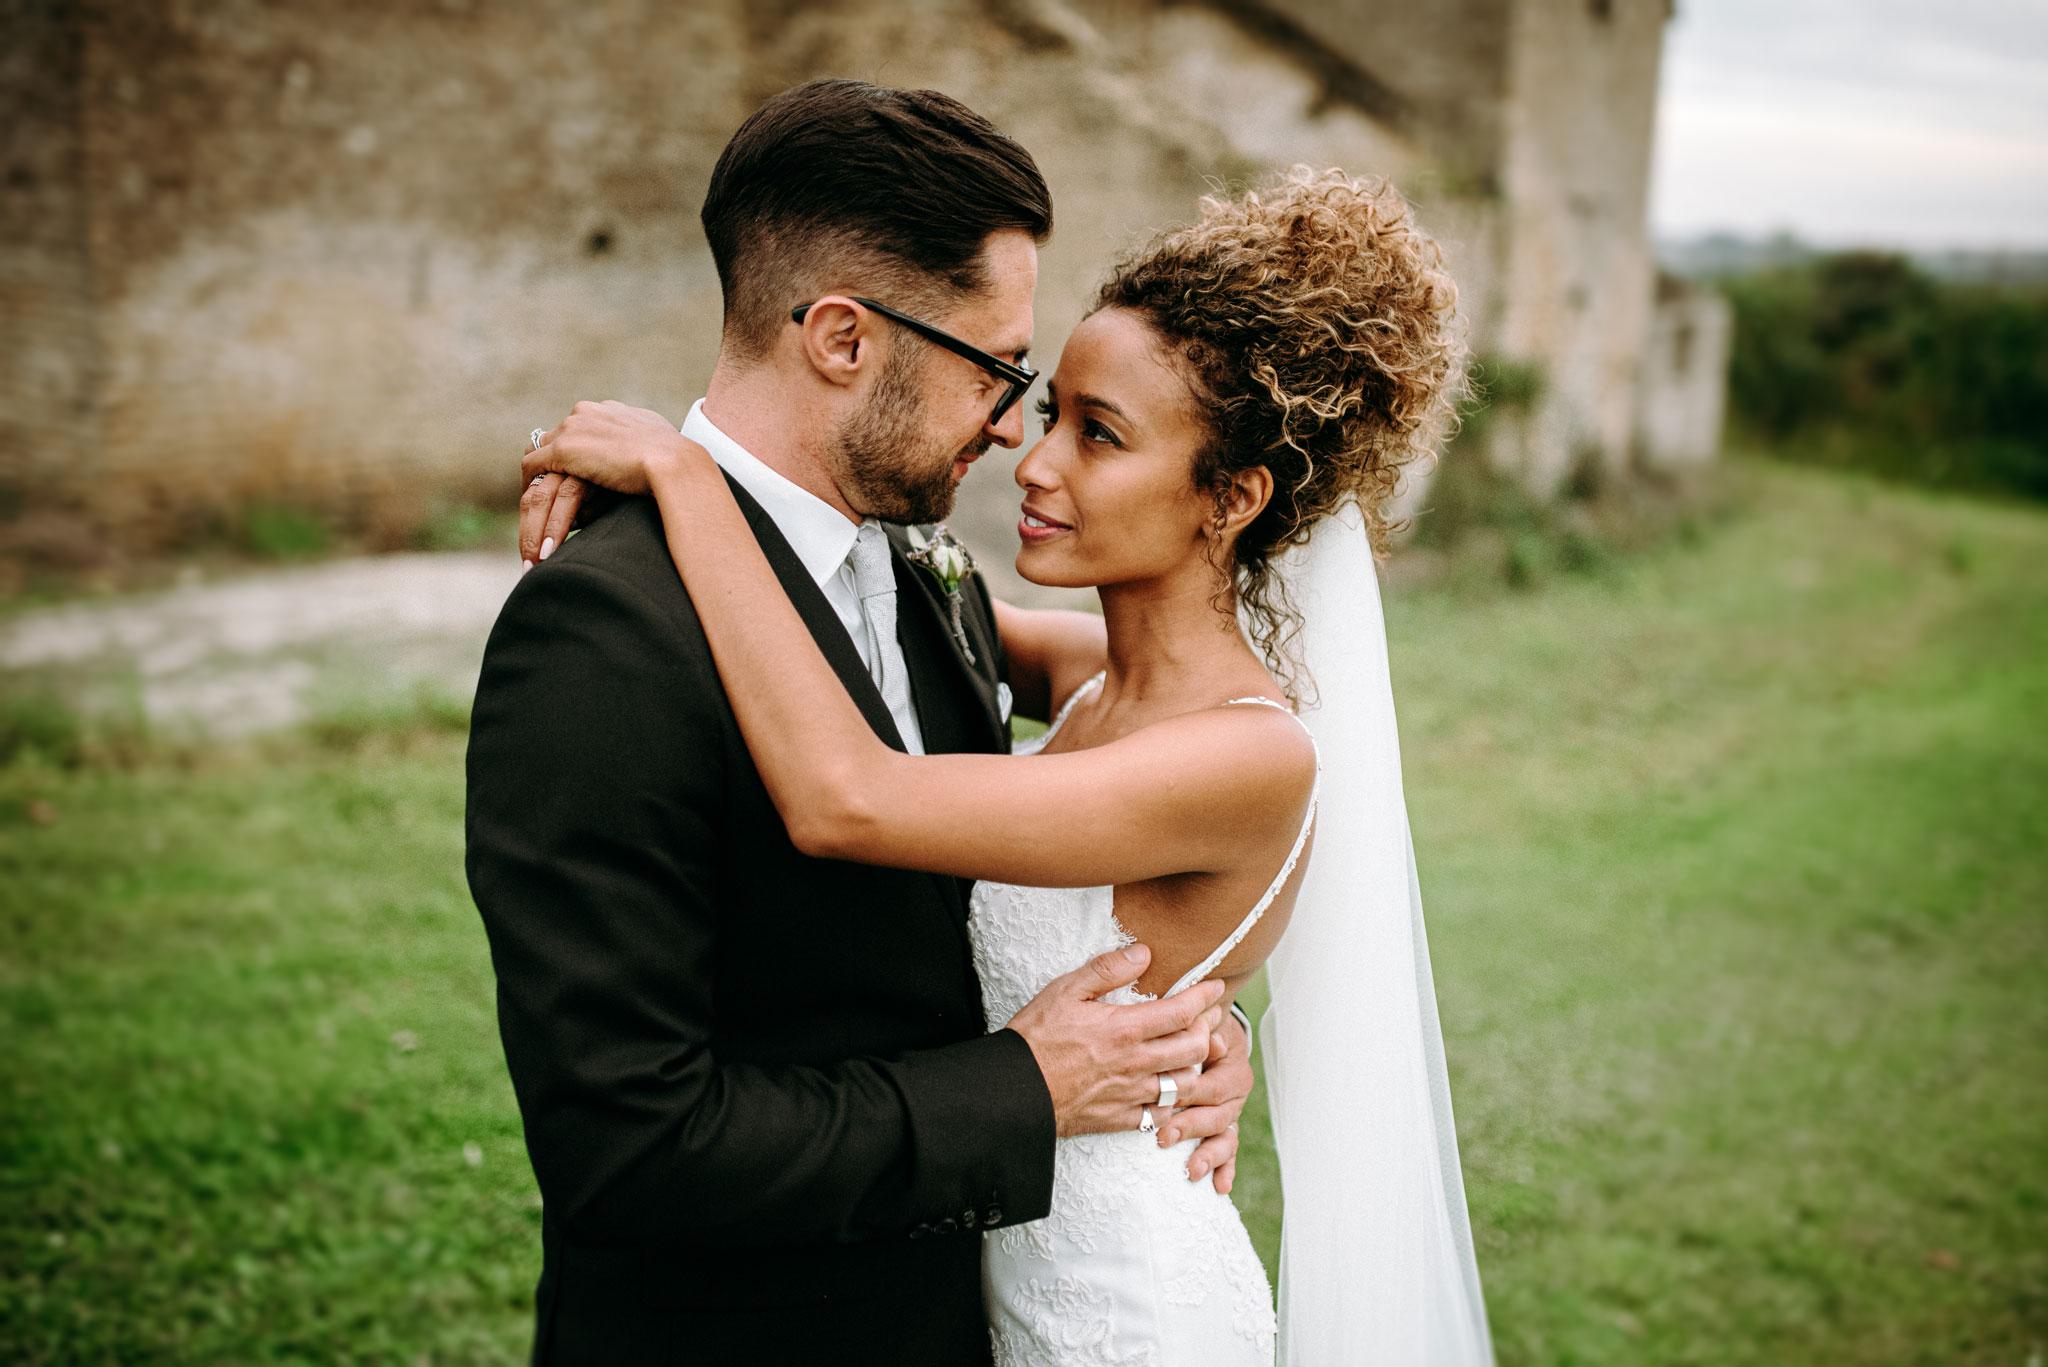 Joe and katrina at thier wedding at Merriscourt barn chipping norton